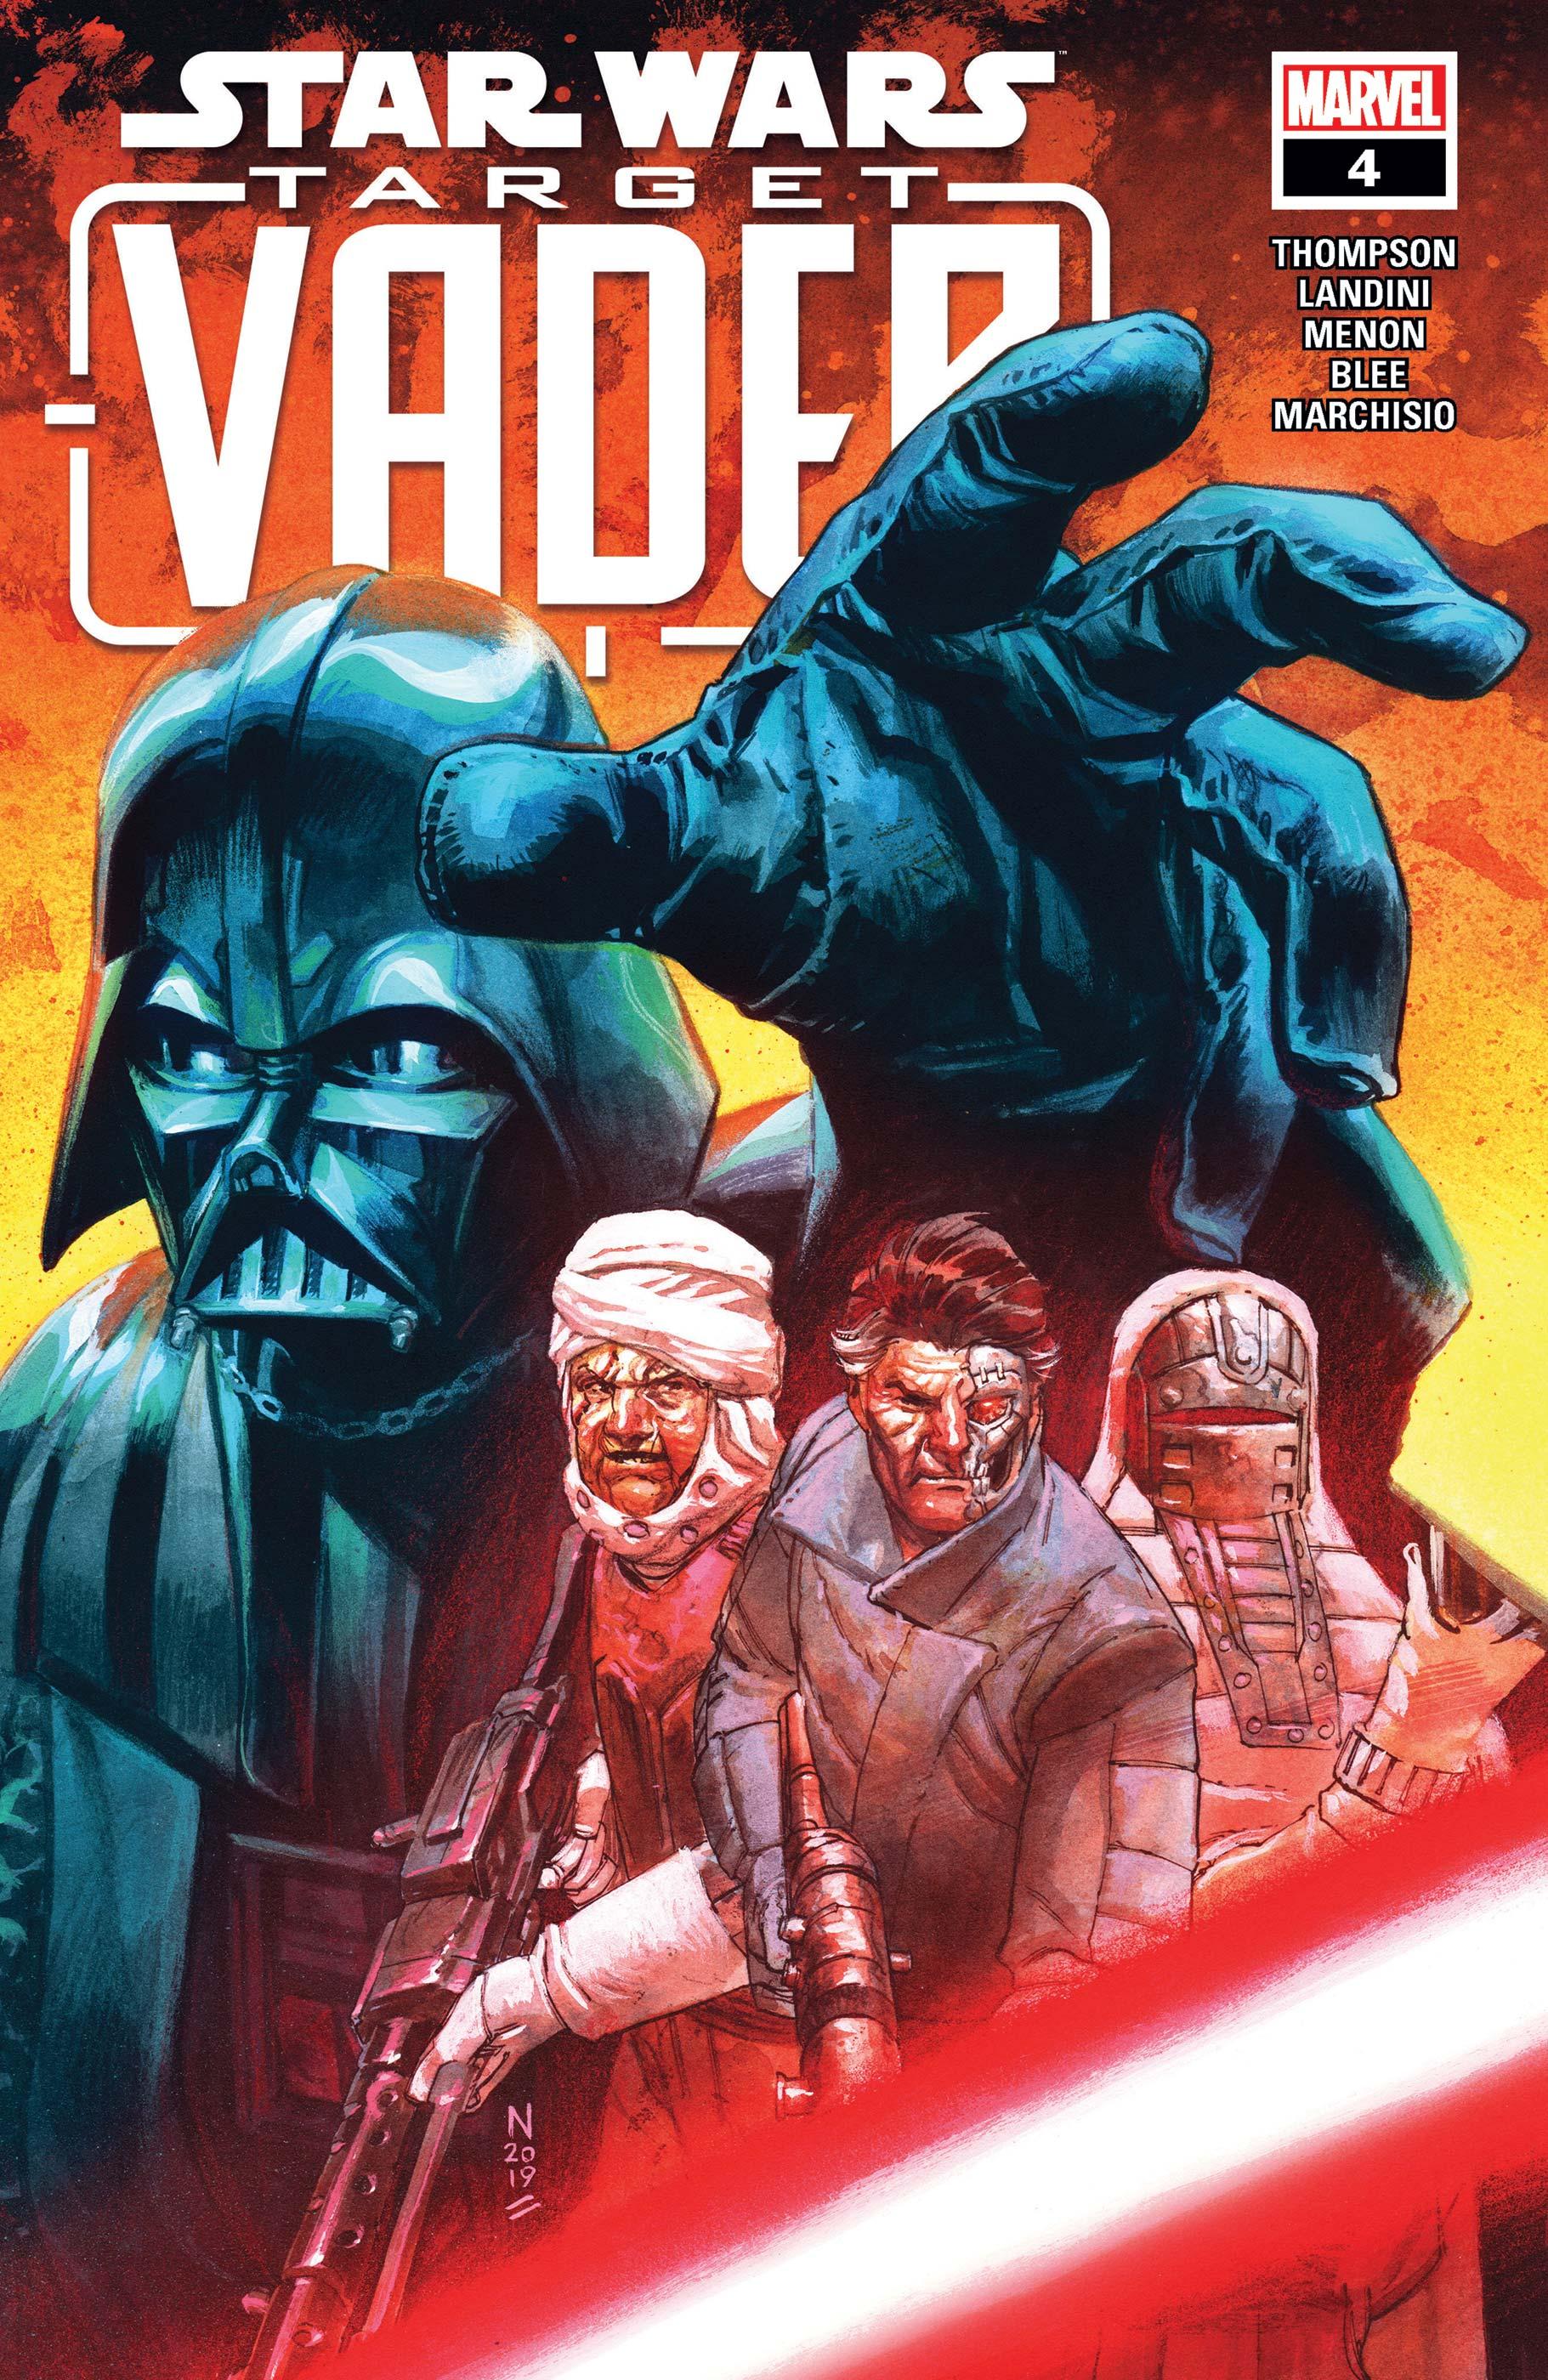 Star Wars: Target Vader (2019) #4